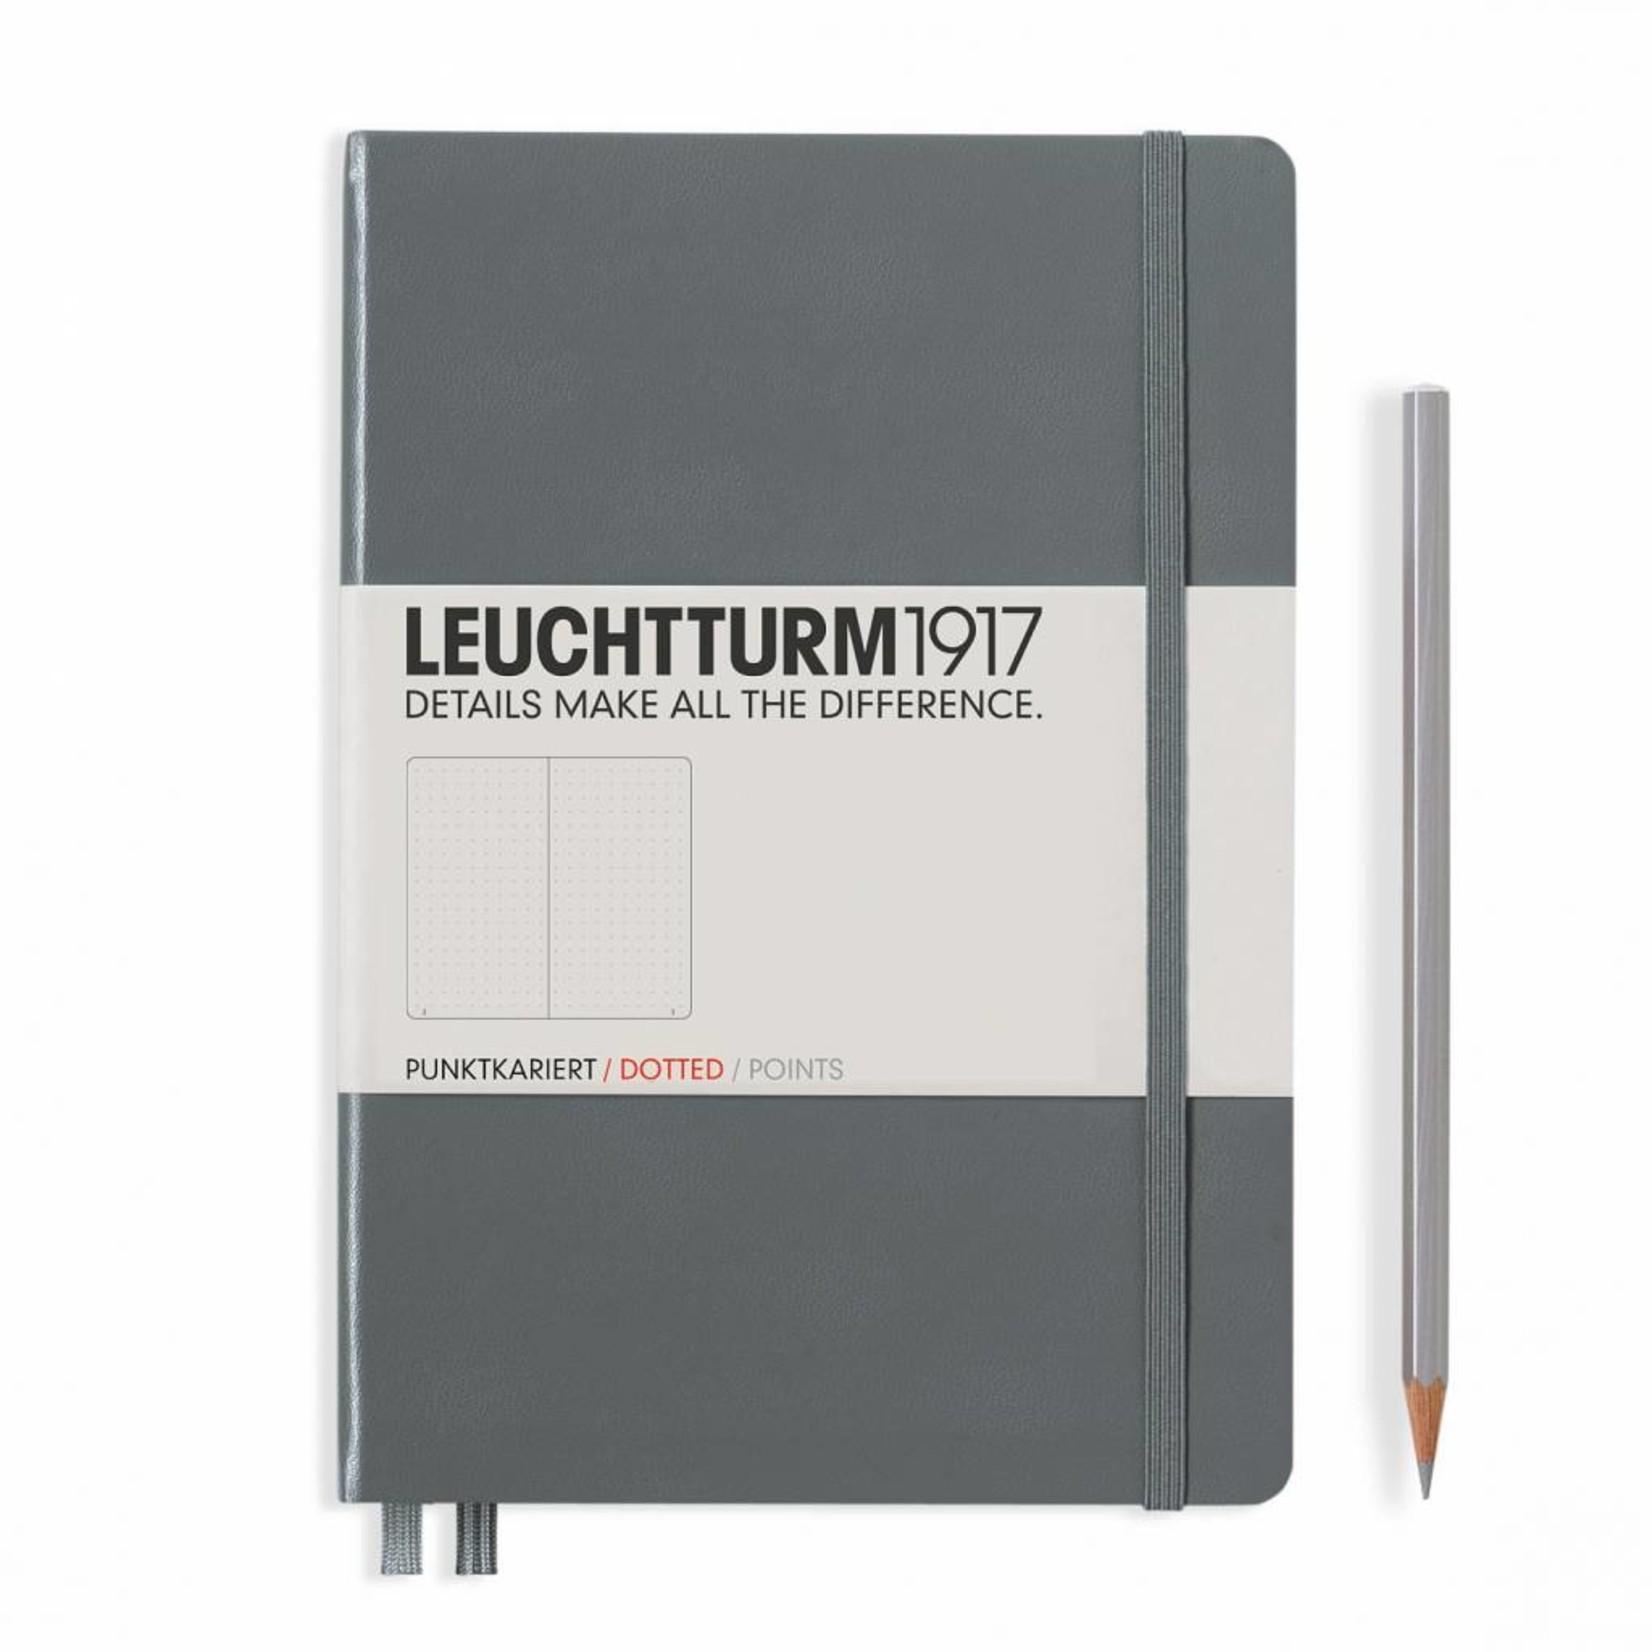 Leuchtturm1917 Leuchtturm1917 Notizbuch, Medium, Anthrazit, Dotted